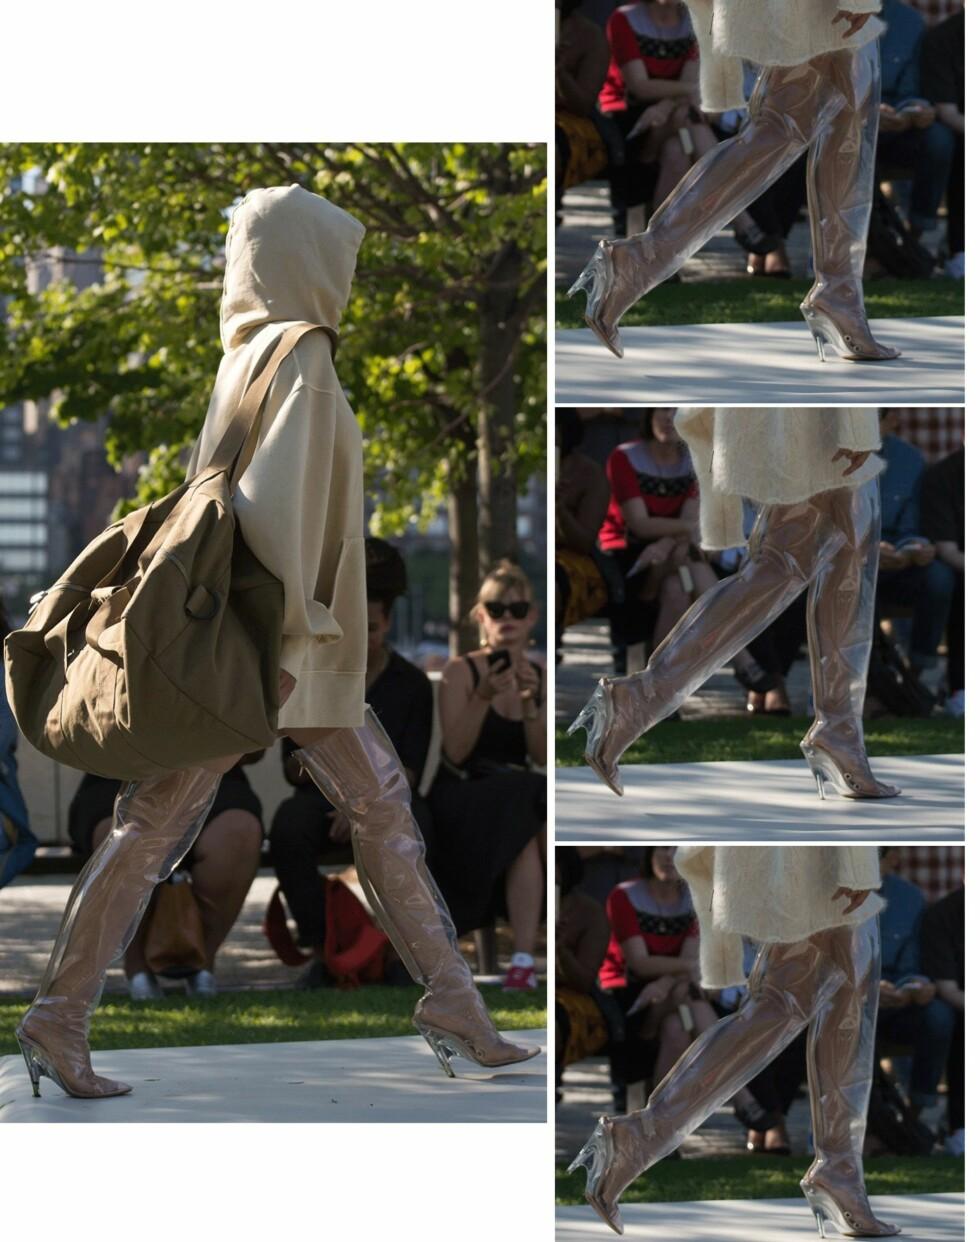 YEEZY: De transparente skoene til Kanye Wests Yeezy-kolleksjon har blitt ganske så populære. Foto: Scanpix